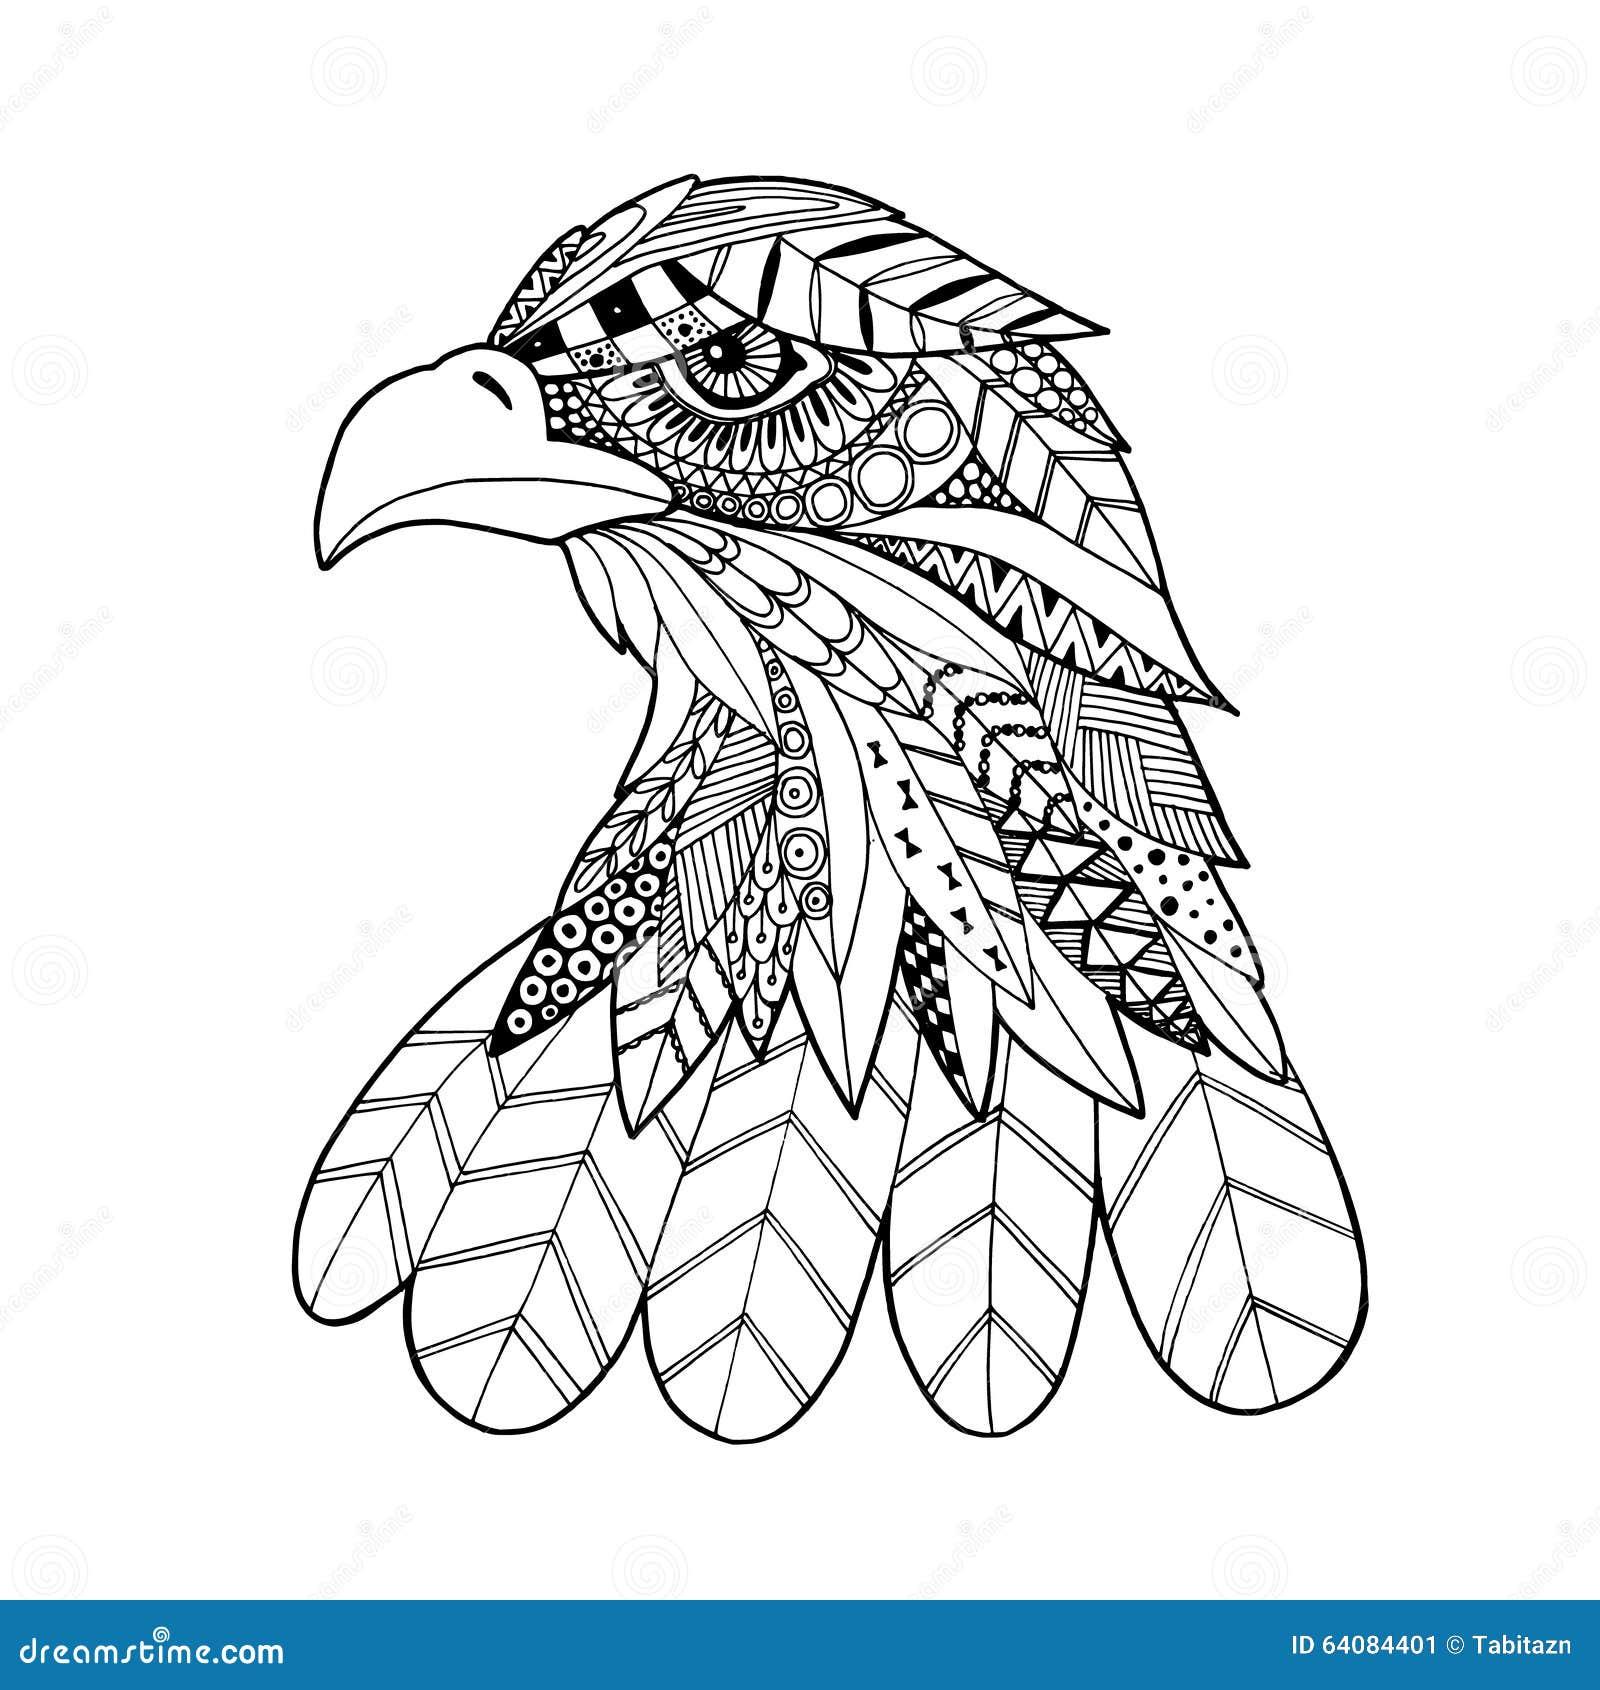 Kleurplaat Xl Ornamental Head Of Eagle Bird Trendy Ethnic Zentangle